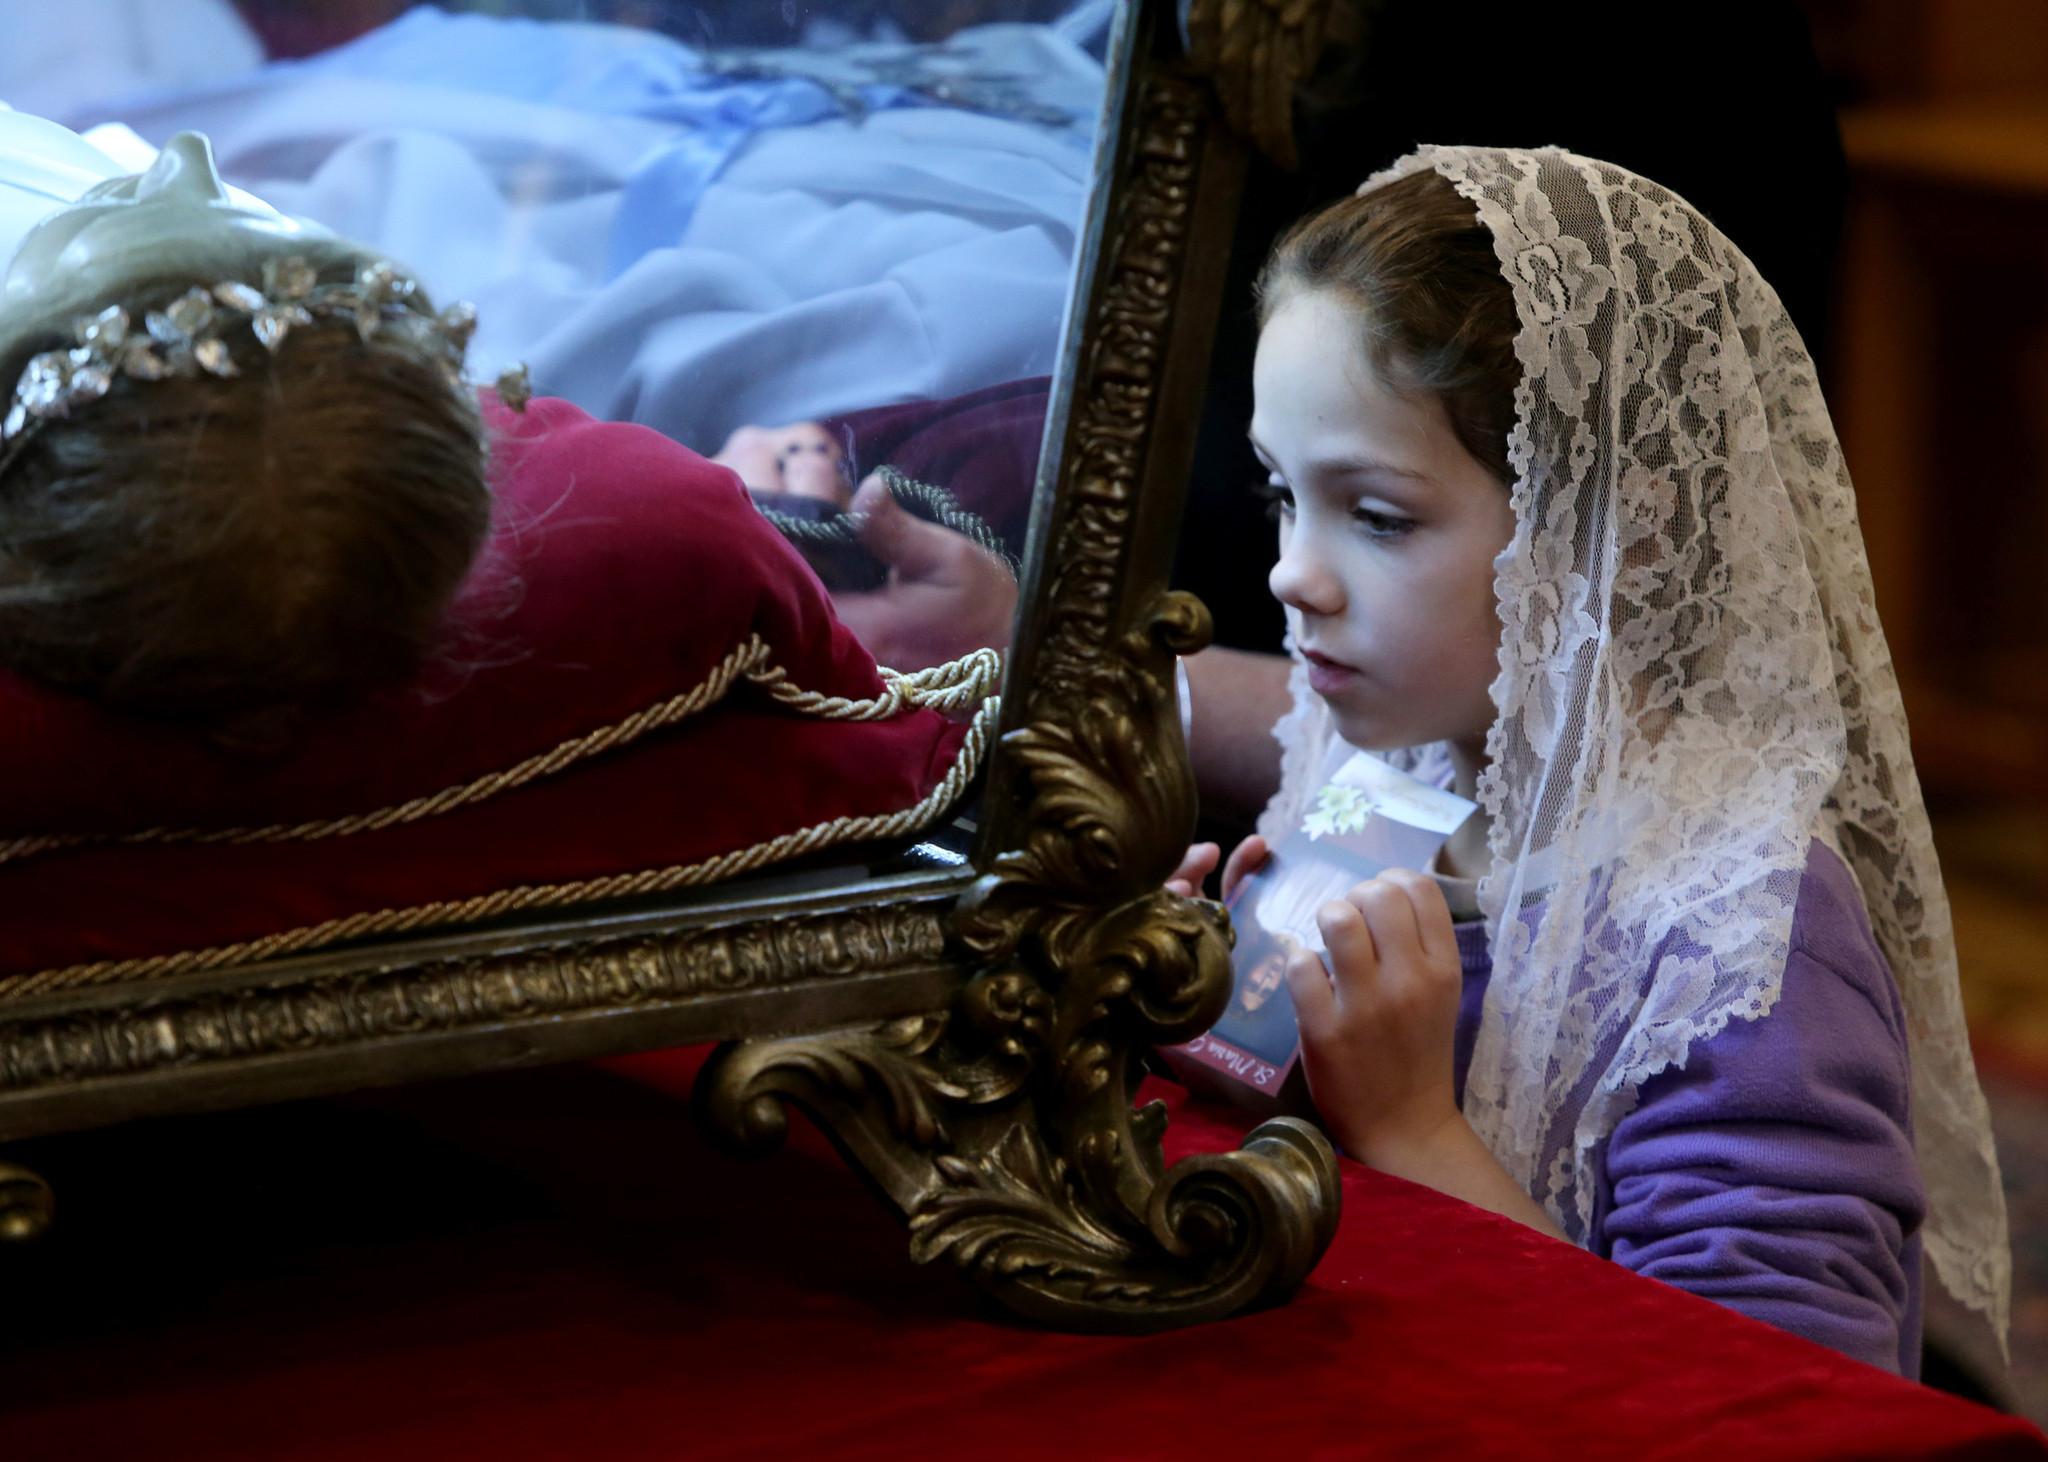 L 8 dicembre si festeggia la sottomissione della donna for Quando si festeggia santa ilaria